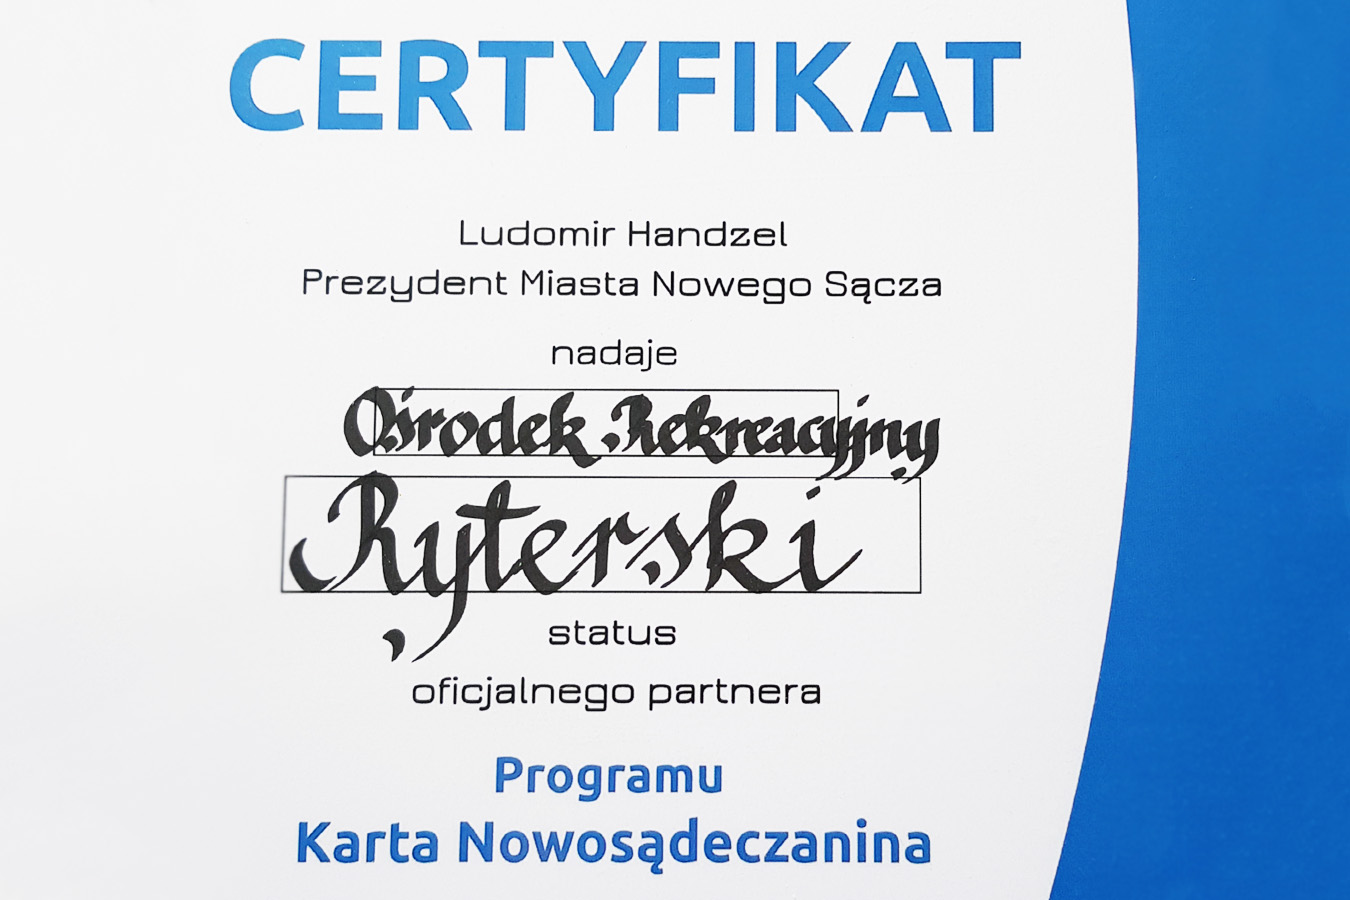 RyterSKI.pl - certyfikat Karta Nowosądeczanina